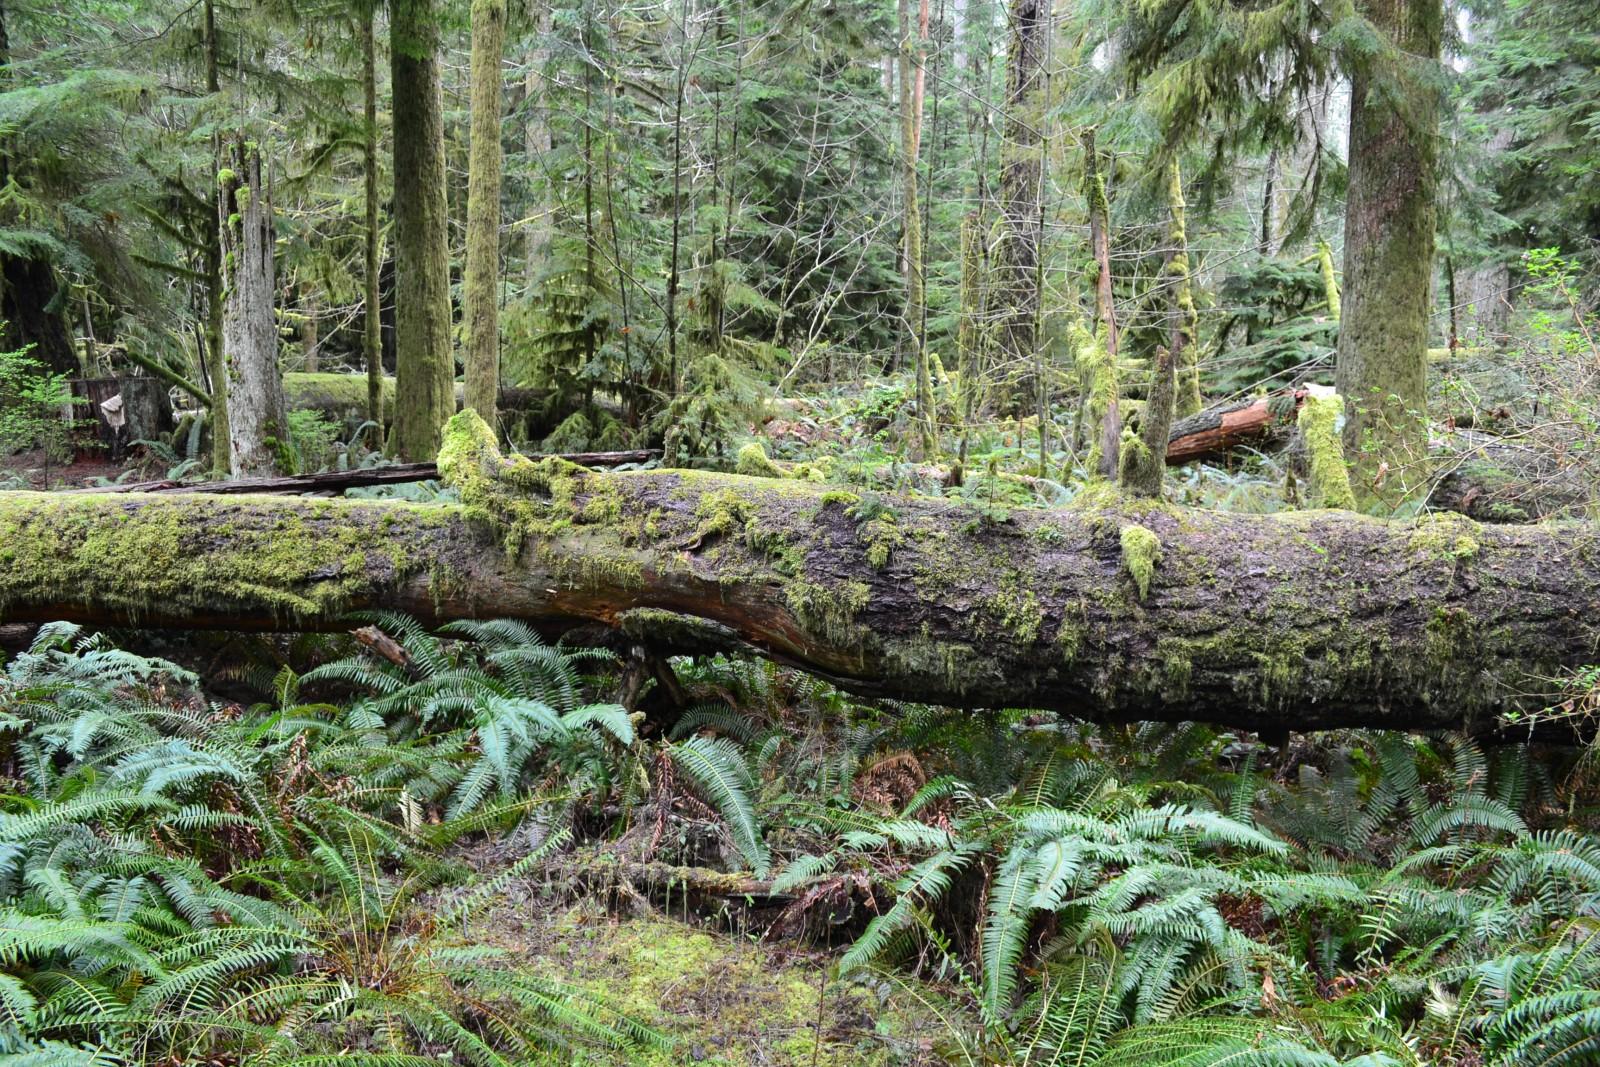 Zachodnio wybrzezny las deszczowy, Rain Forest, wyspa Vancouver